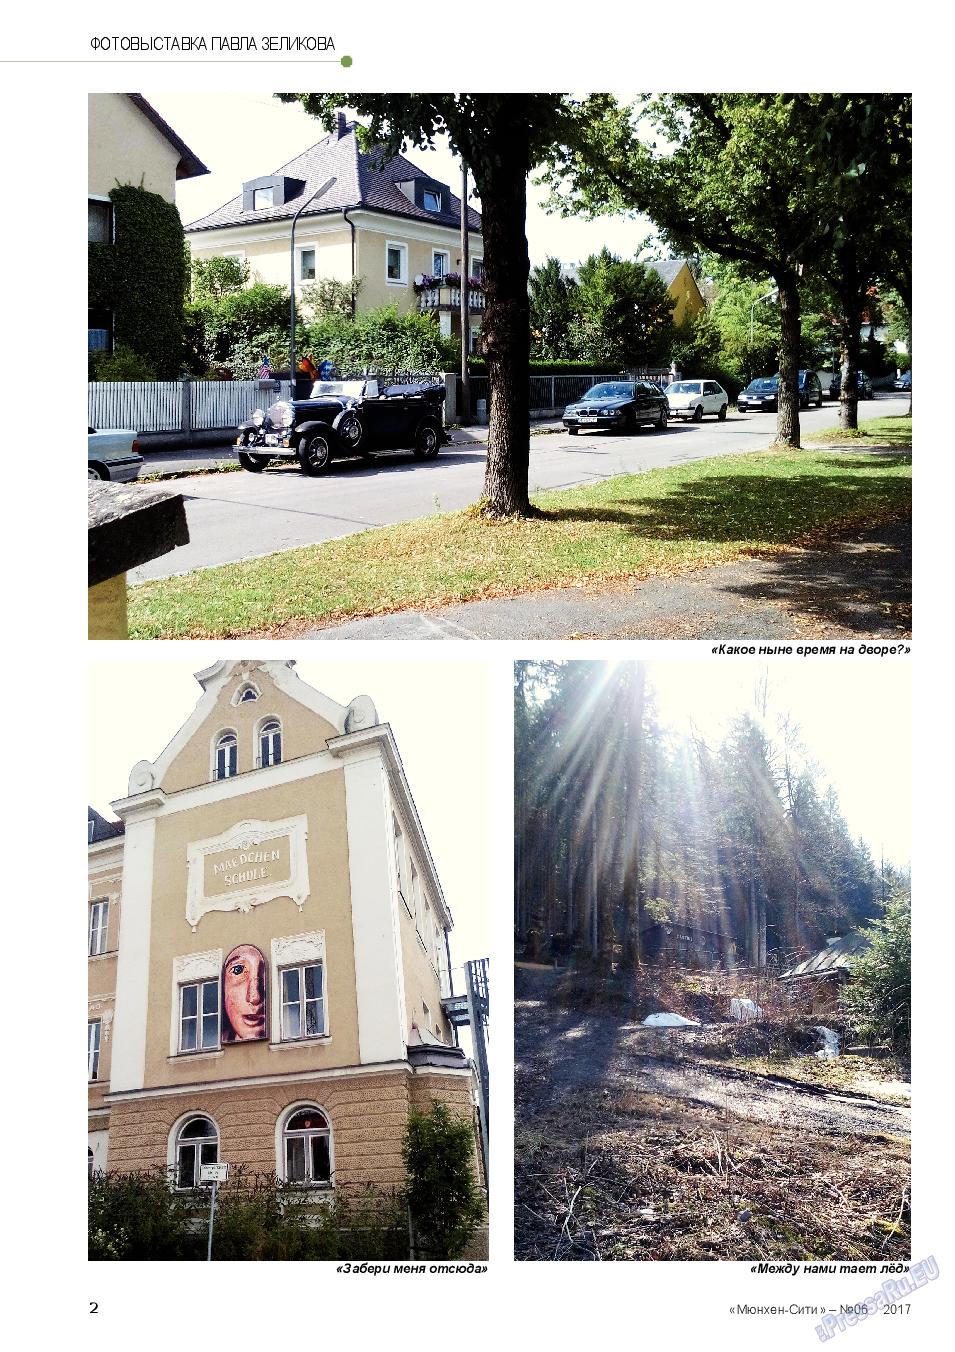 Мюнхен-сити (журнал). 2017 год, номер 6, стр. 2